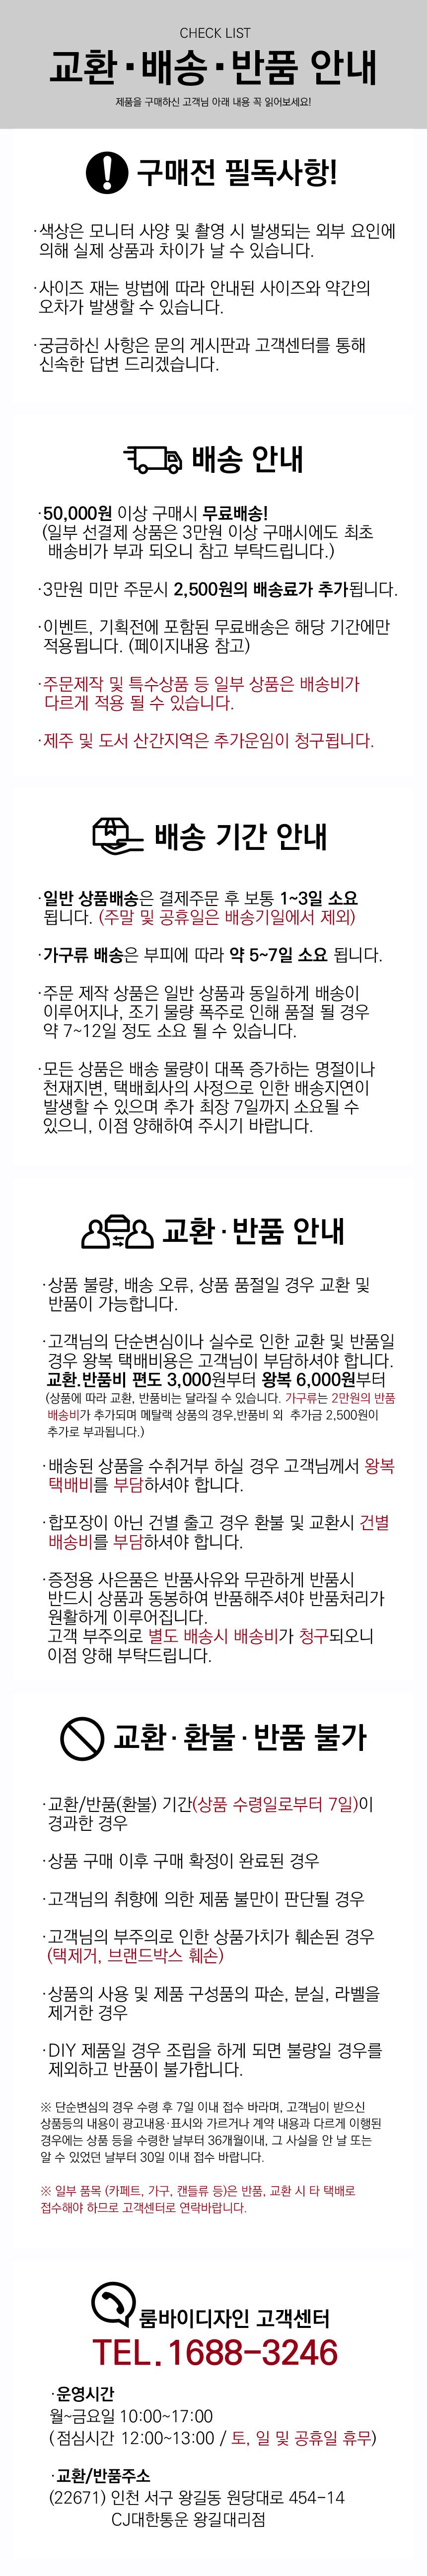 모던 스마트 손잡이 찜기 2종 세트(그레이) - 룸바이디자인, 11,900원, 압력솥/찜기, 찜기